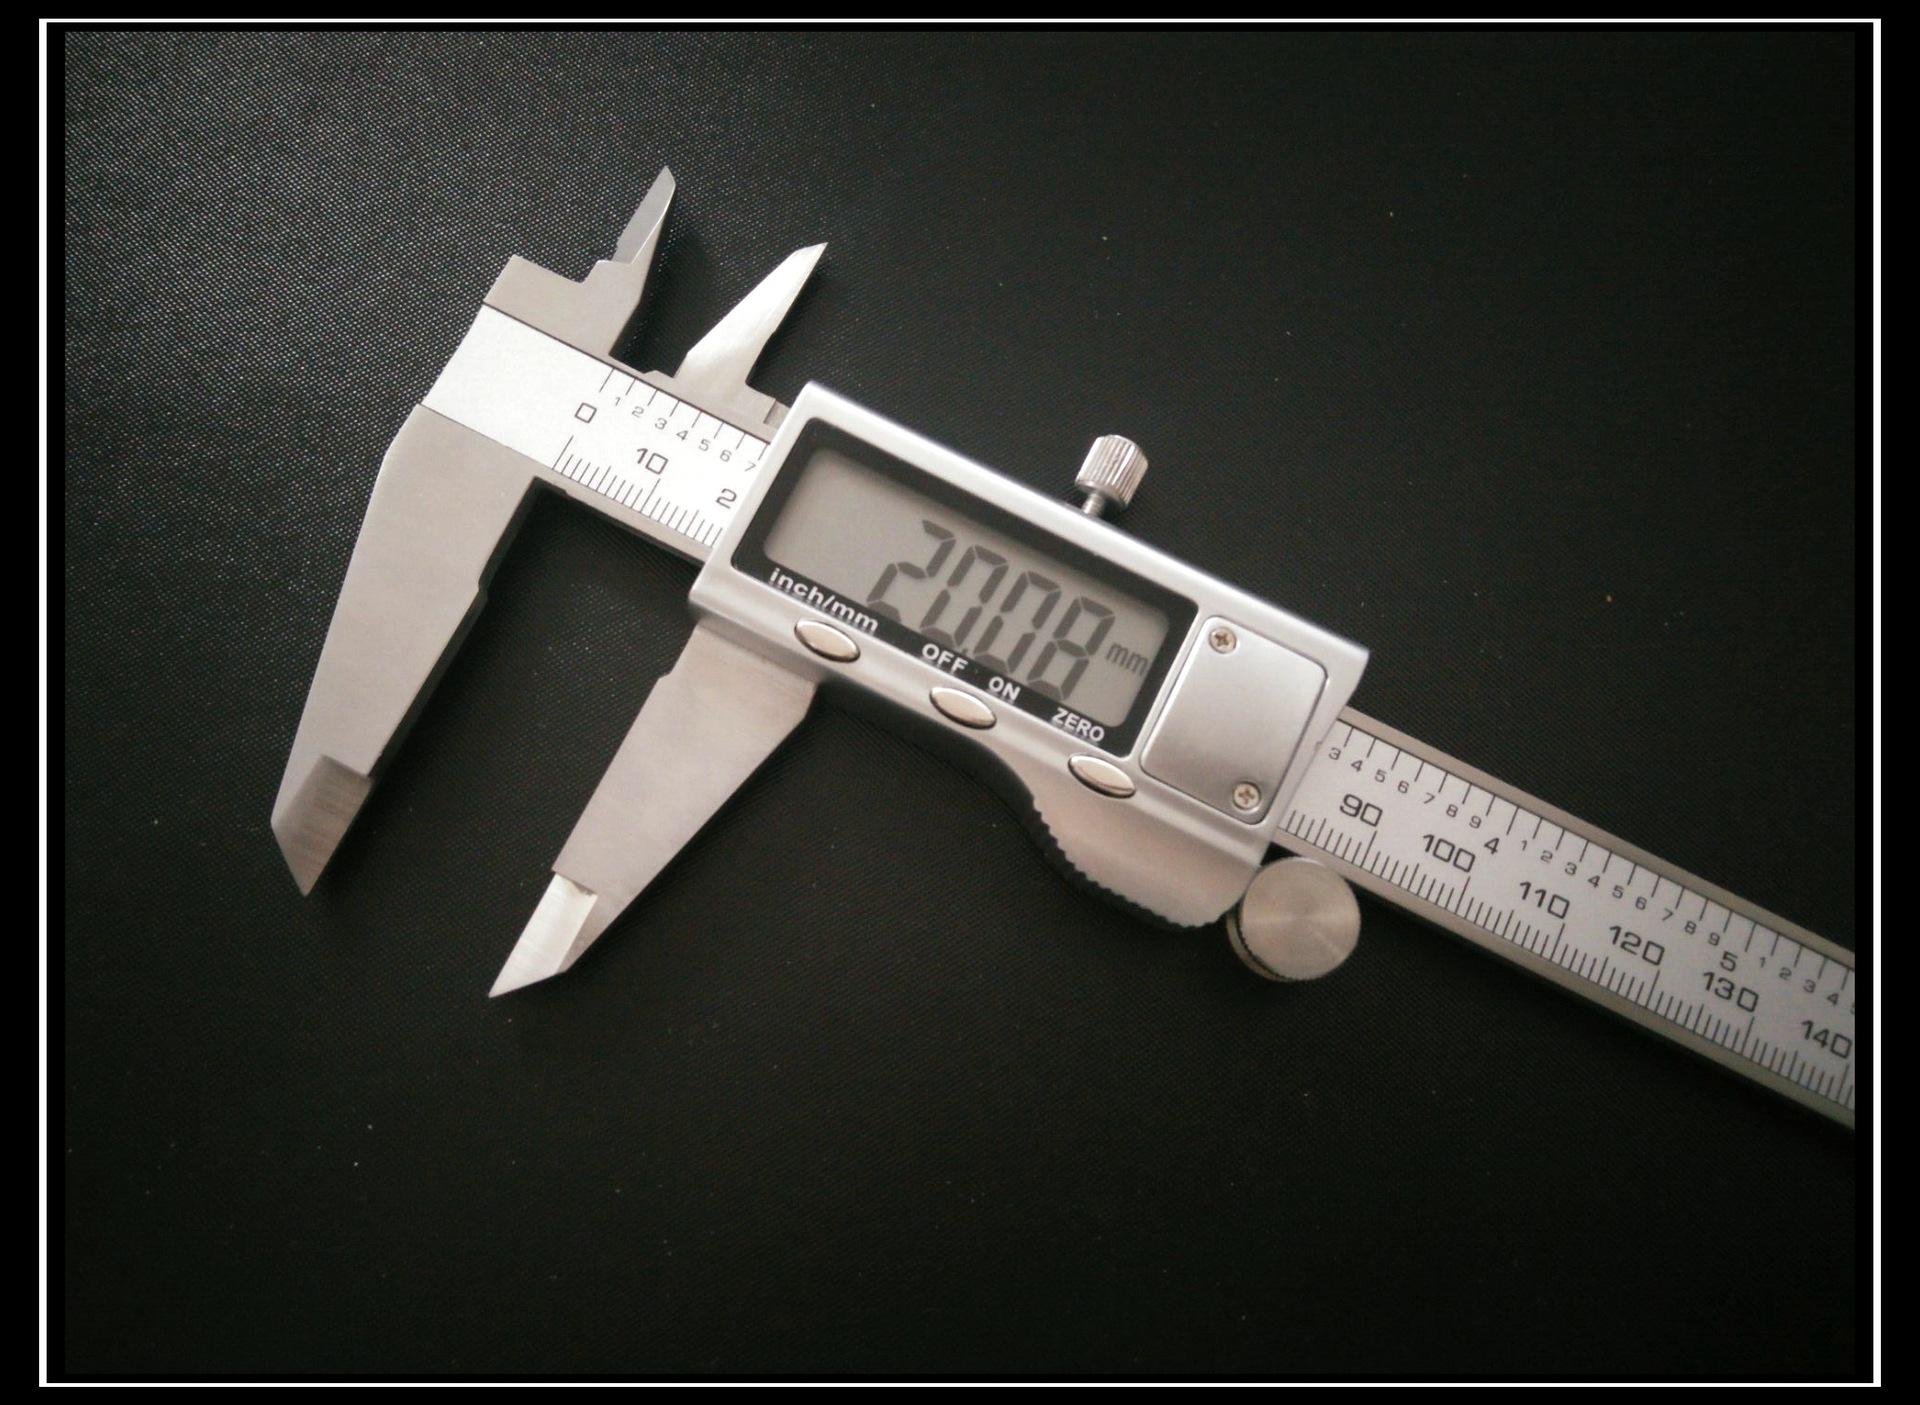 SHIHAO Dụng cụ đo lường Thước đo điện tử 0-200mm